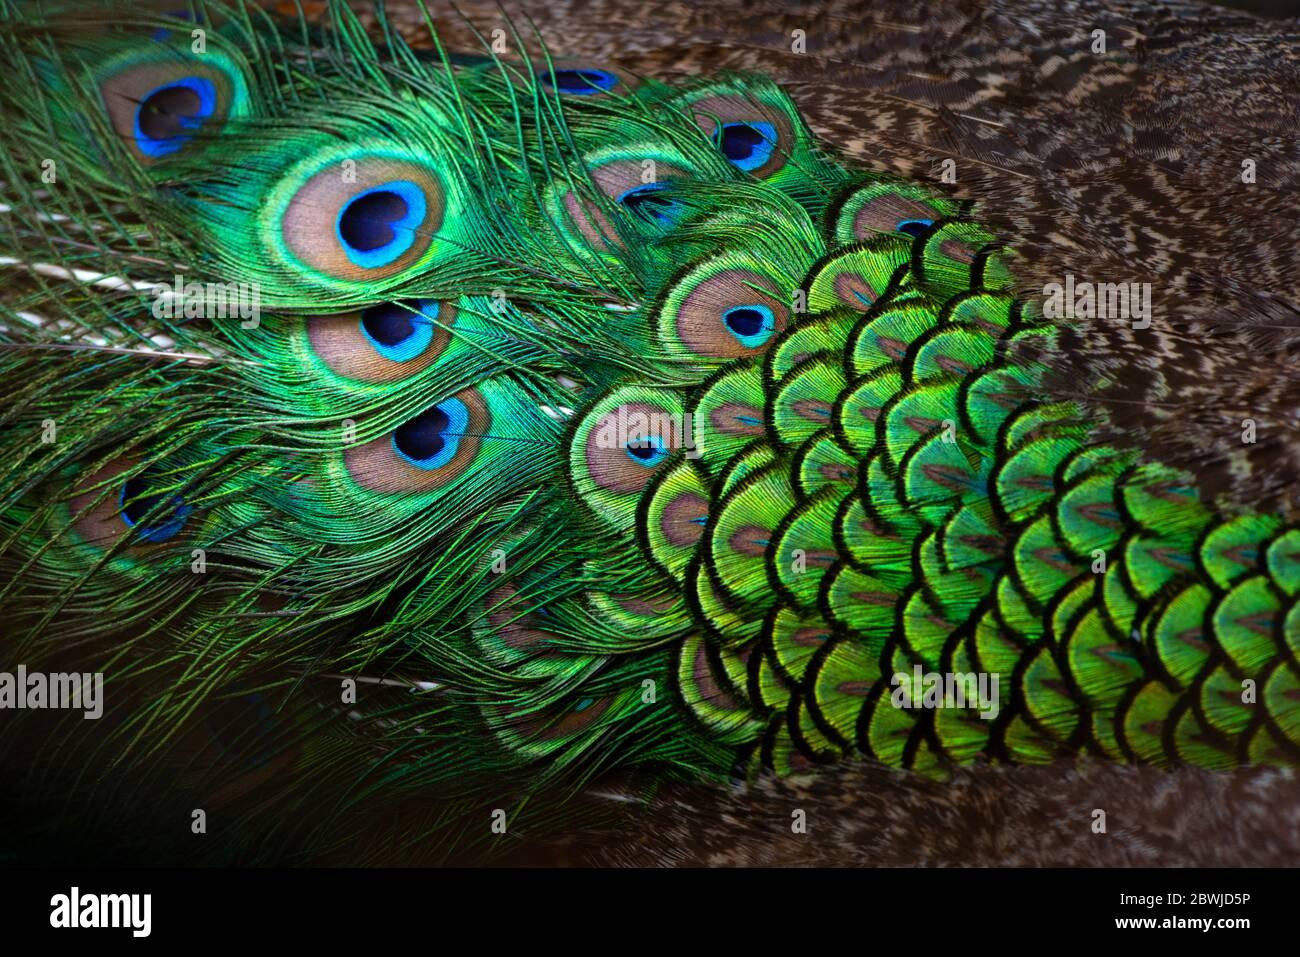 Primeros planos Peacocks, detalles coloridos y hermosas plumas de pavo real.Fotografía macro. Foto de stock